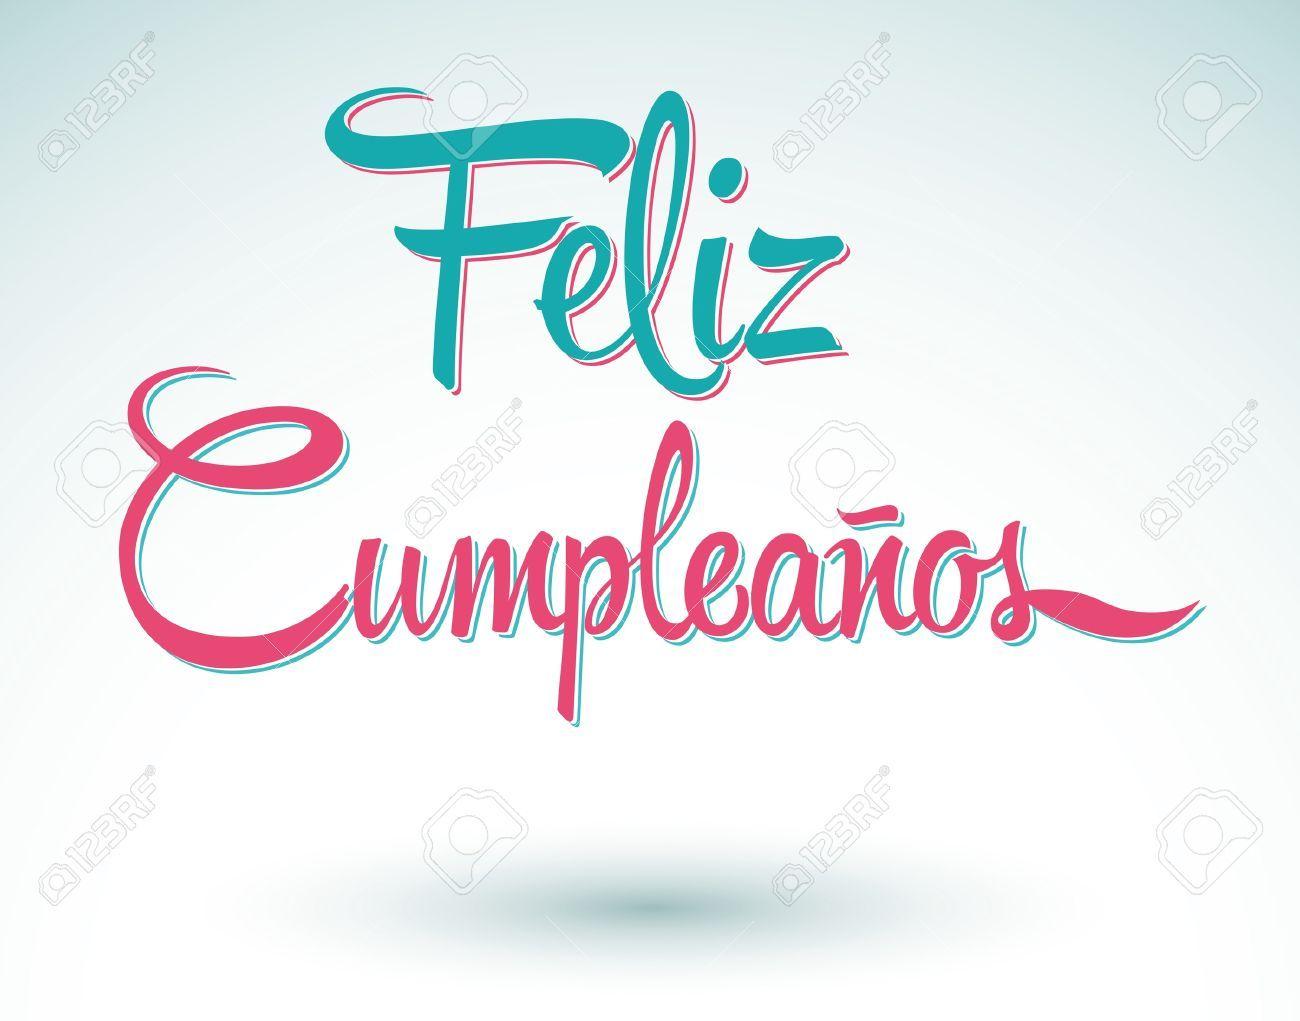 Resultado De Imagen Para Feliz Cumpleaños Letras Cumpleaños Letra Feliz Cumpleaños Letra Letras Feliz Cumple